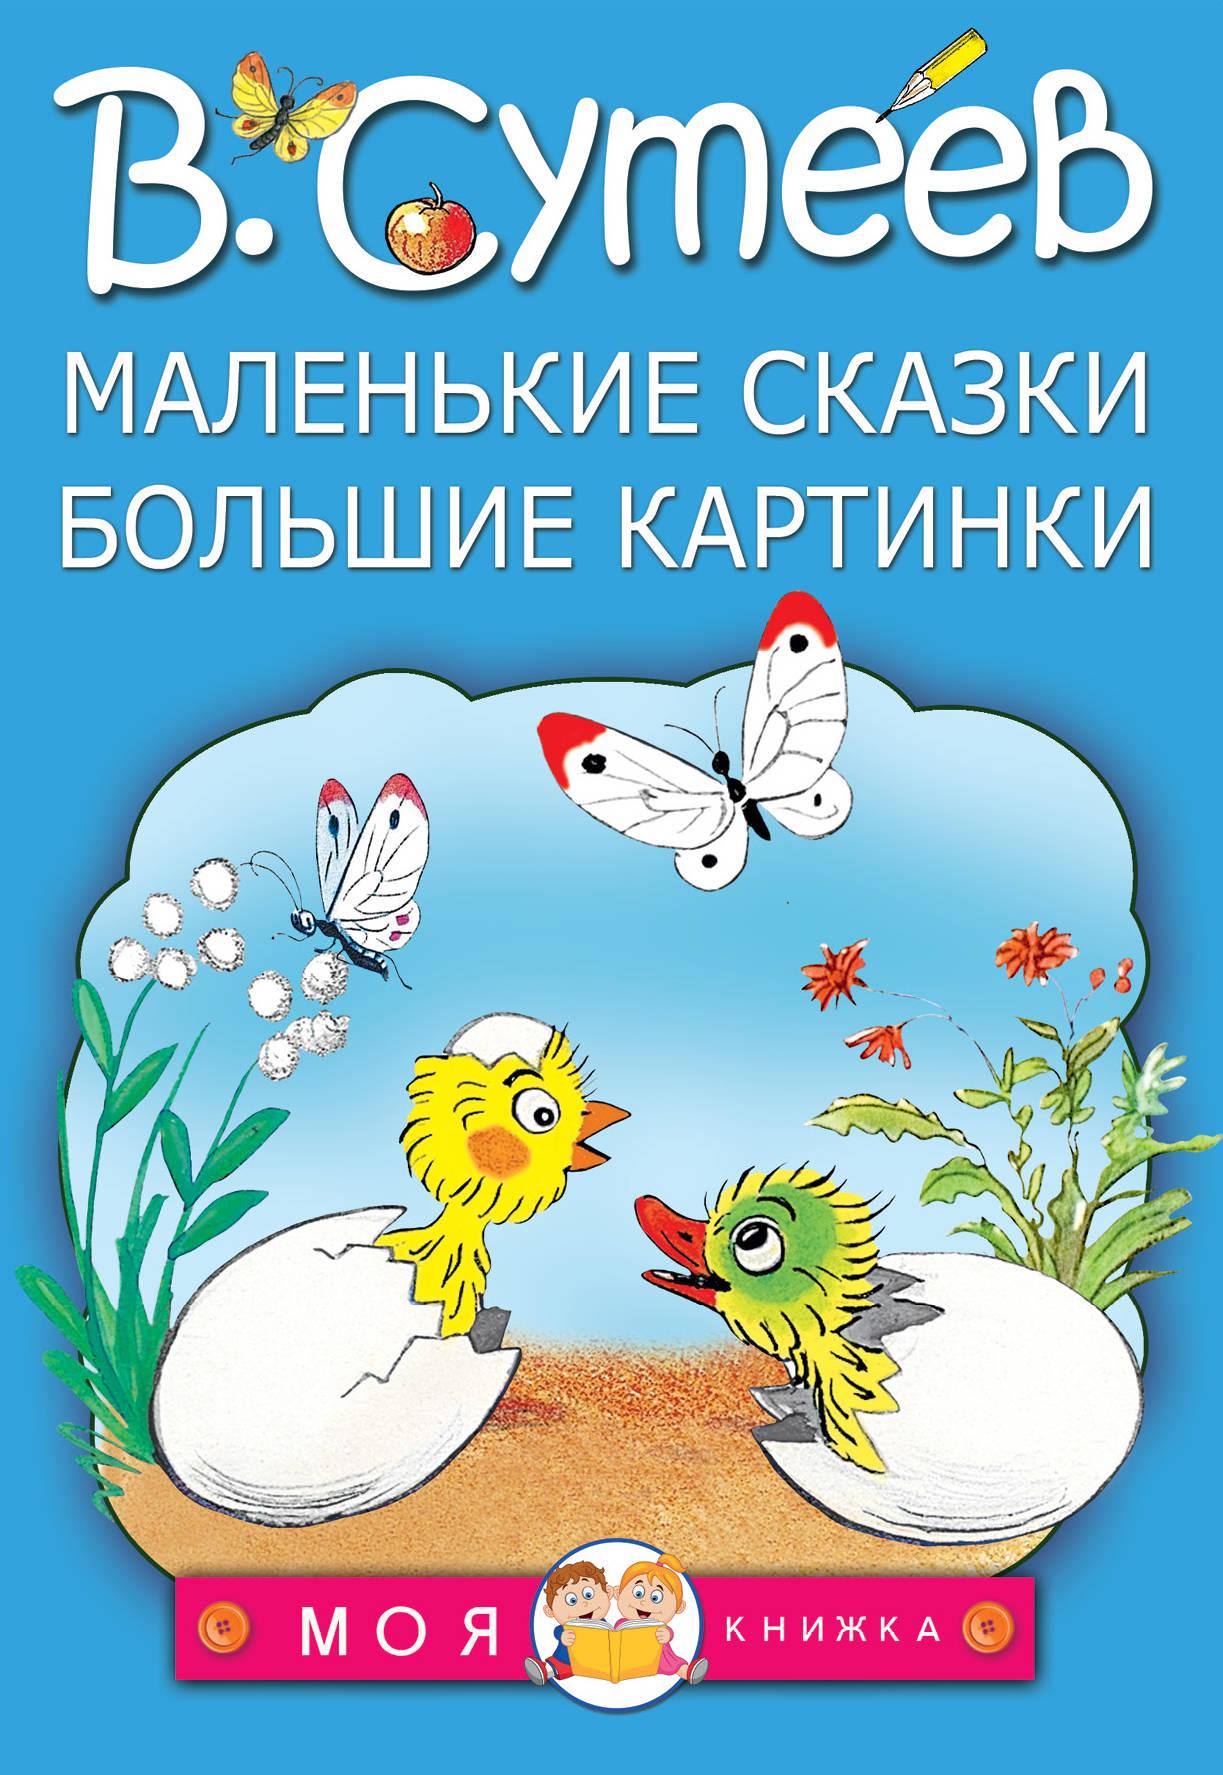 Сутеев В.Г. Маленькие сказки, большие картинки о в узорова 3000 вопросов при поступлении детей в школу